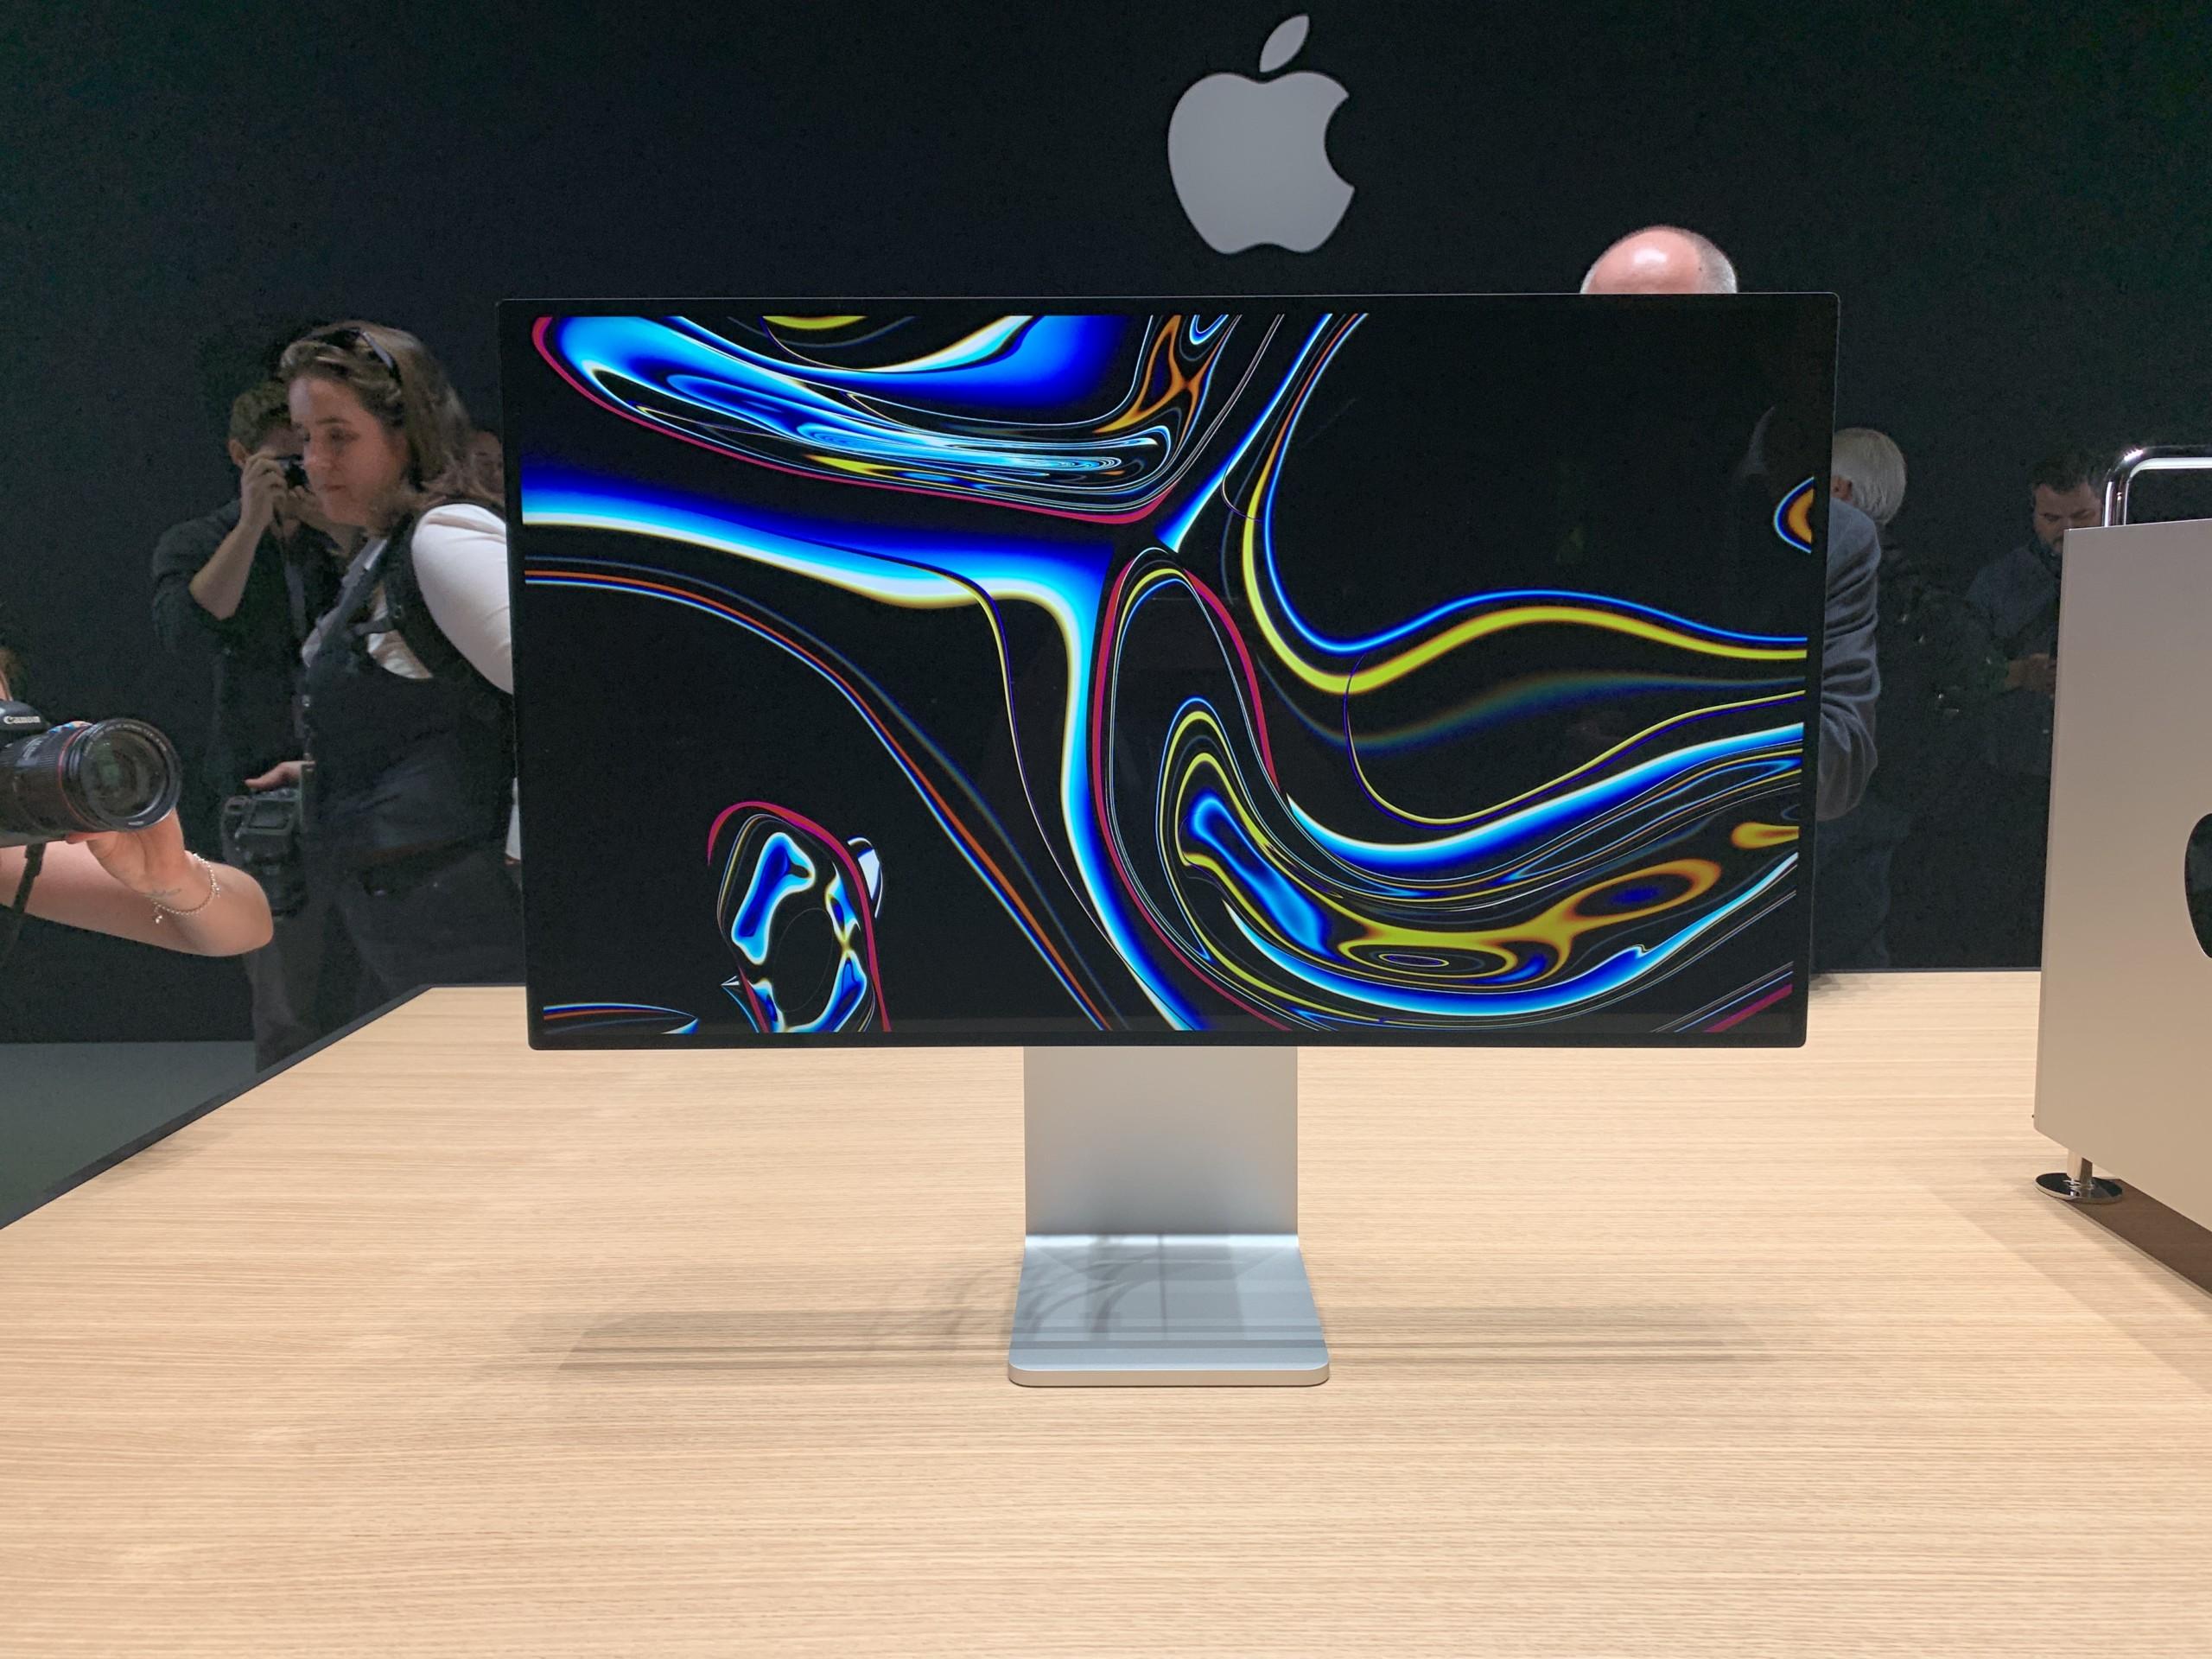 WWDC 2020: Apple pourrait dévoiler un iMac new look avec SSD et GPU AMD